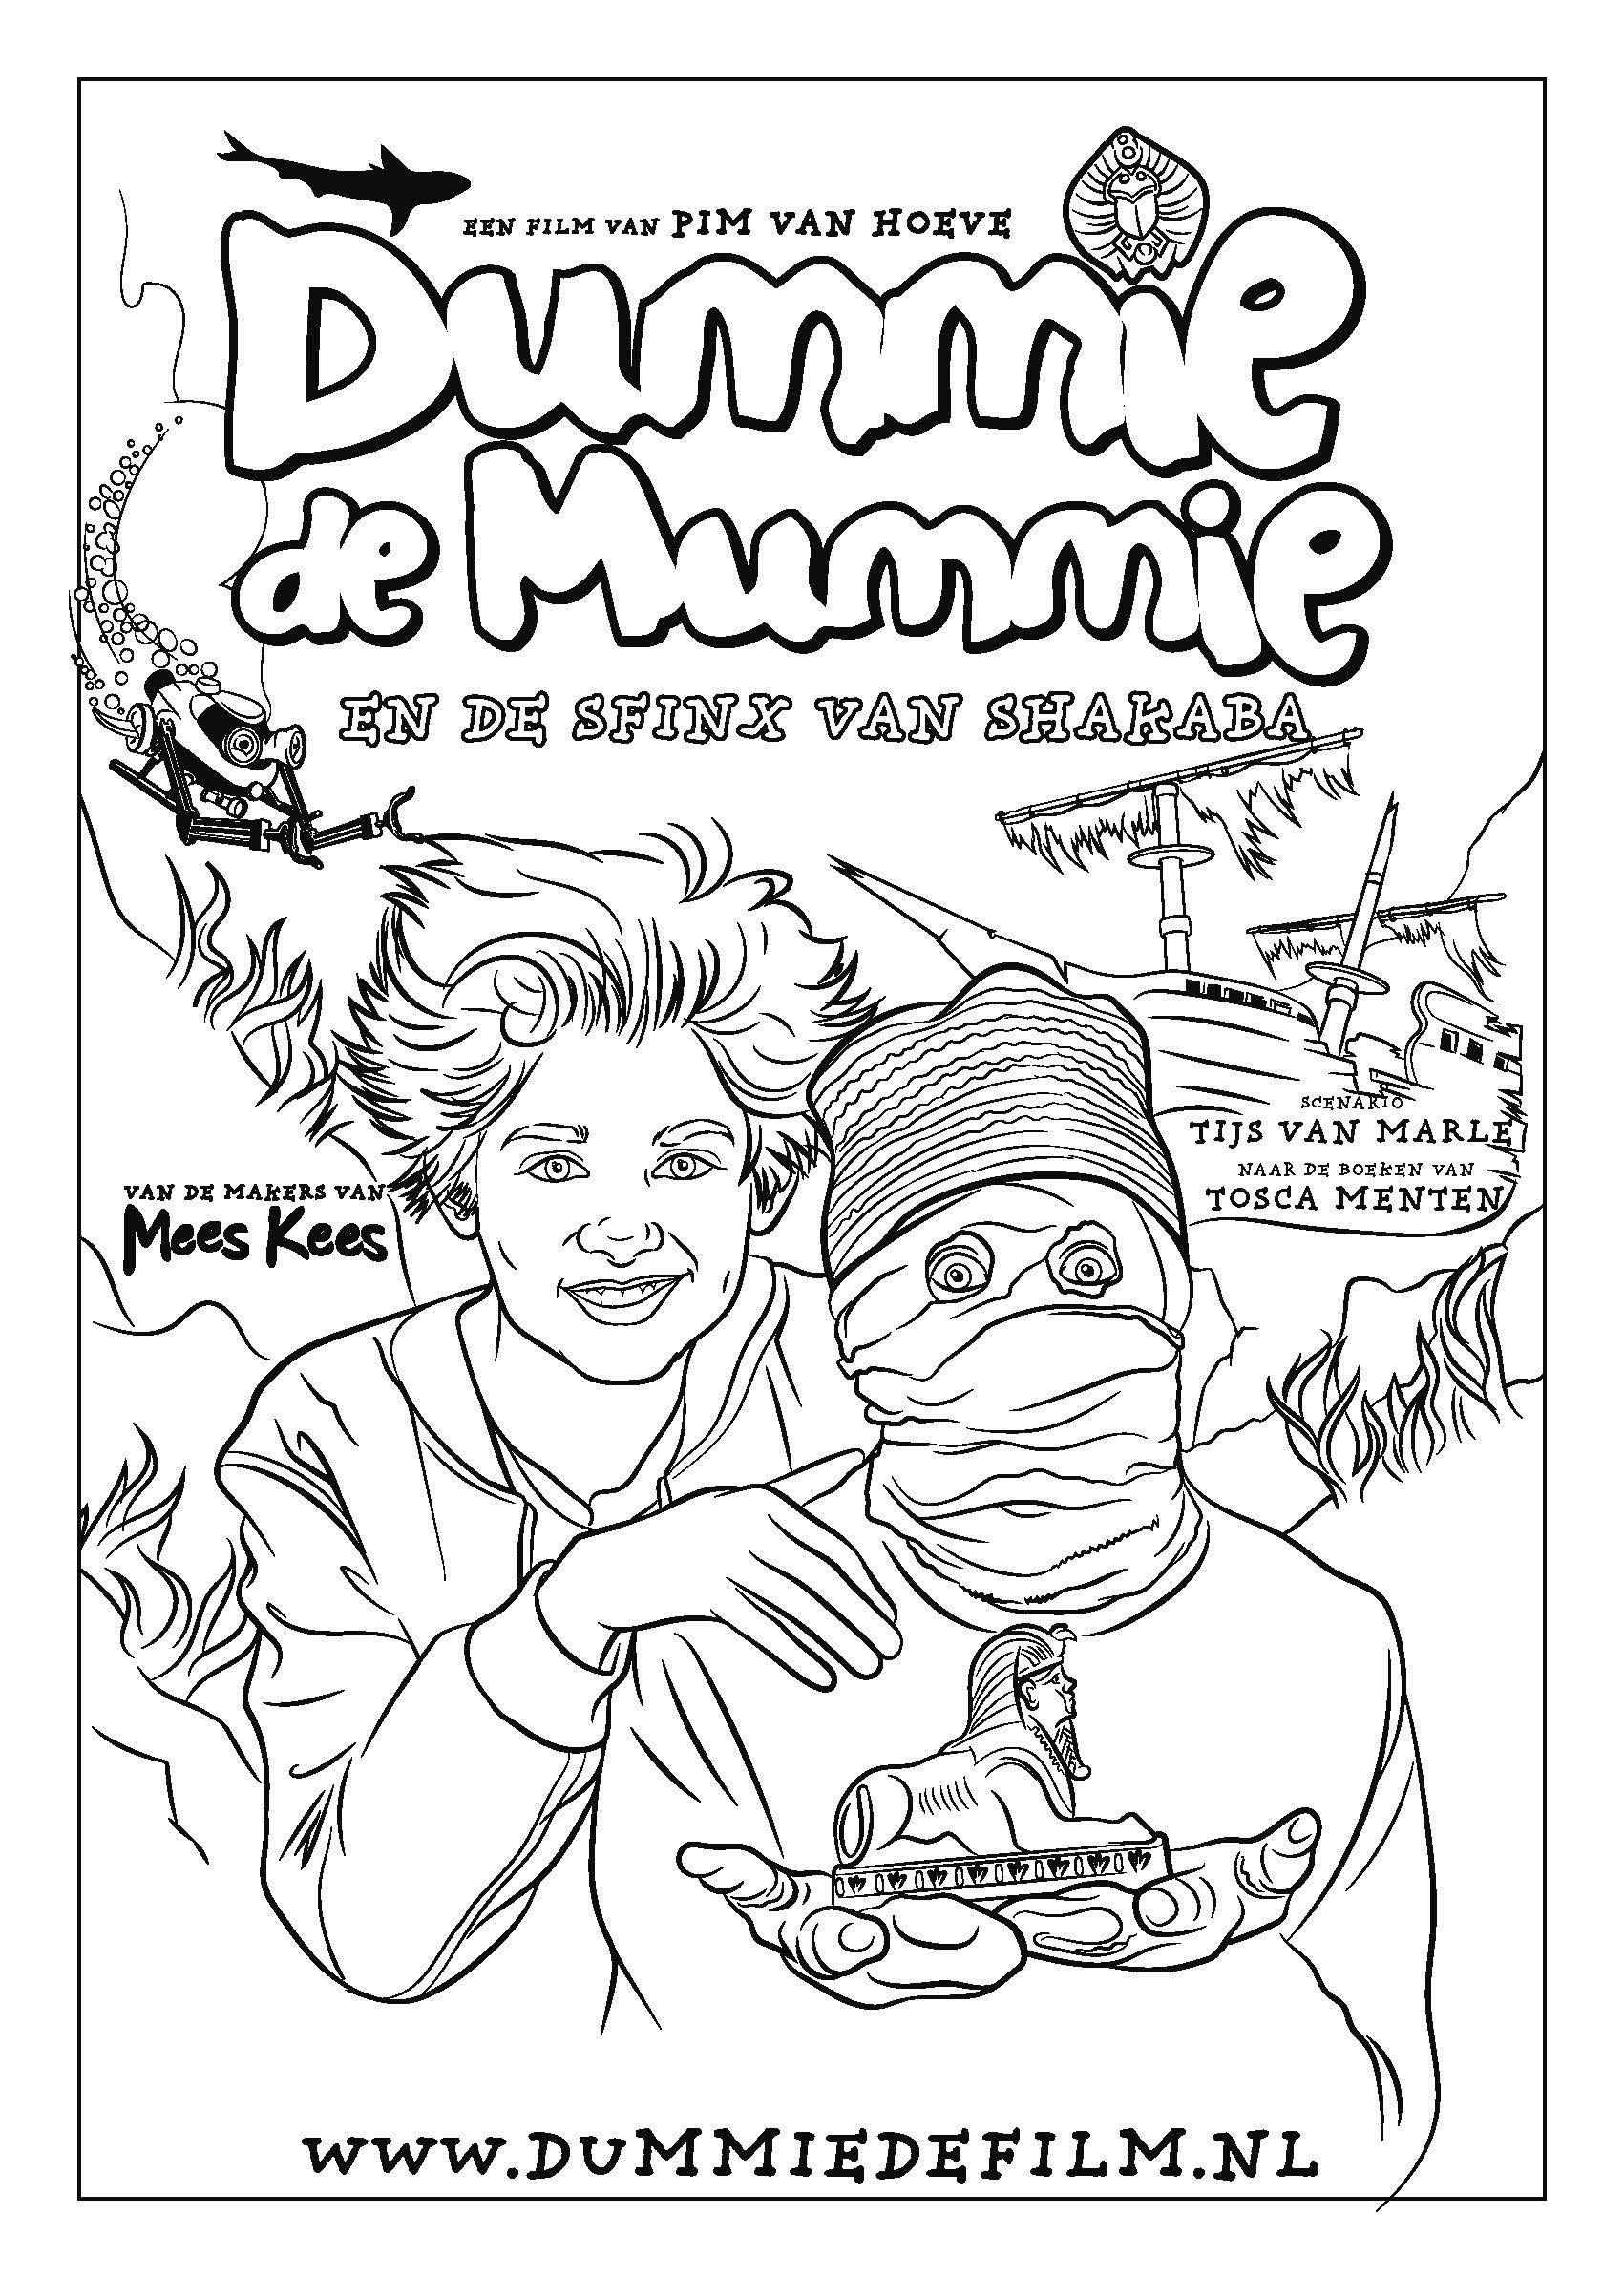 De Nieuwe Dummie De Mummie Film Komt Eraan In Deze Film Besluit Dummie Dat Hij Beroemd Wilt Worden Door De Schilderwed Oudheid Kinderen En Ouderschap Boeken